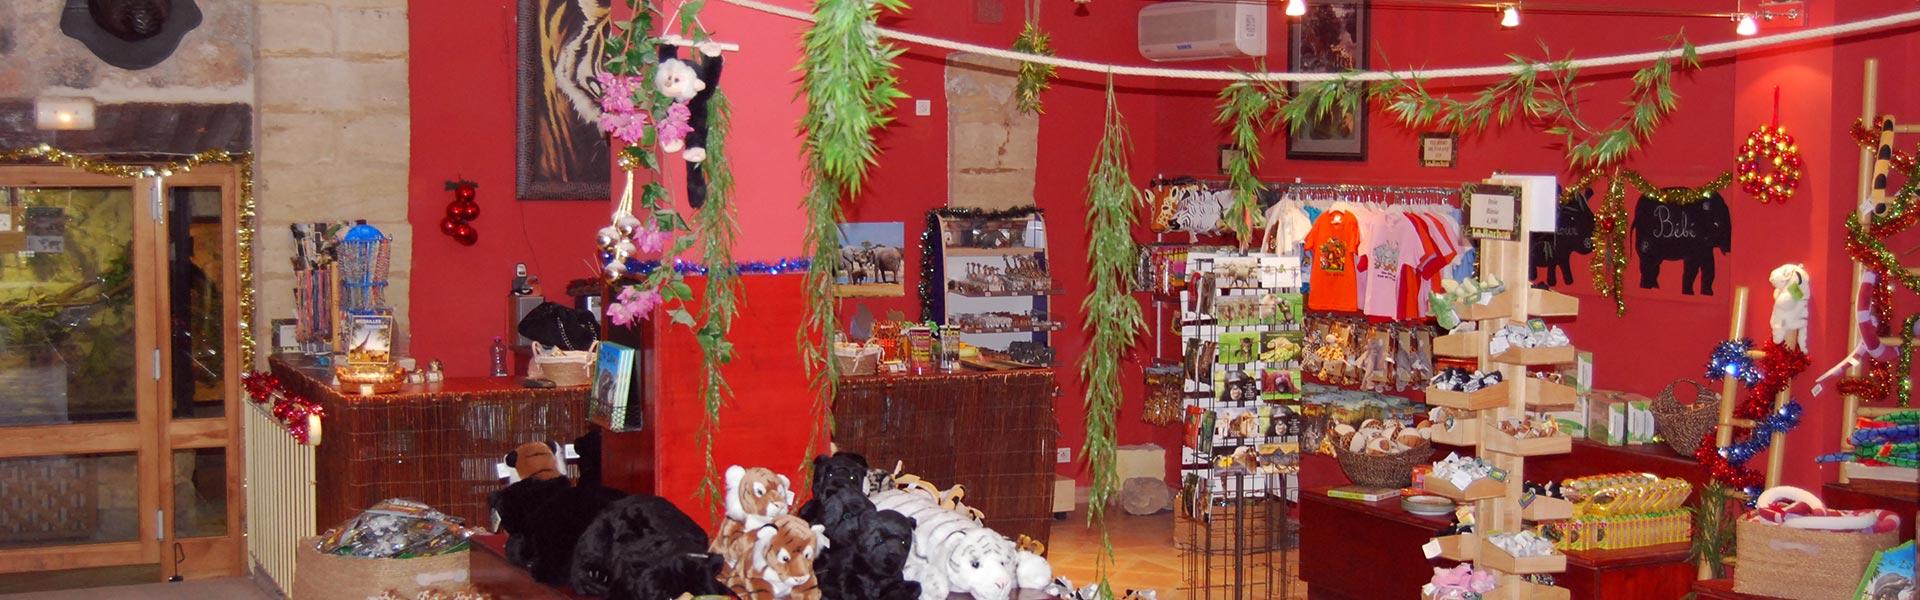 Zoo barben boutique de souvenirs du zoo - La boutique de noemie ...